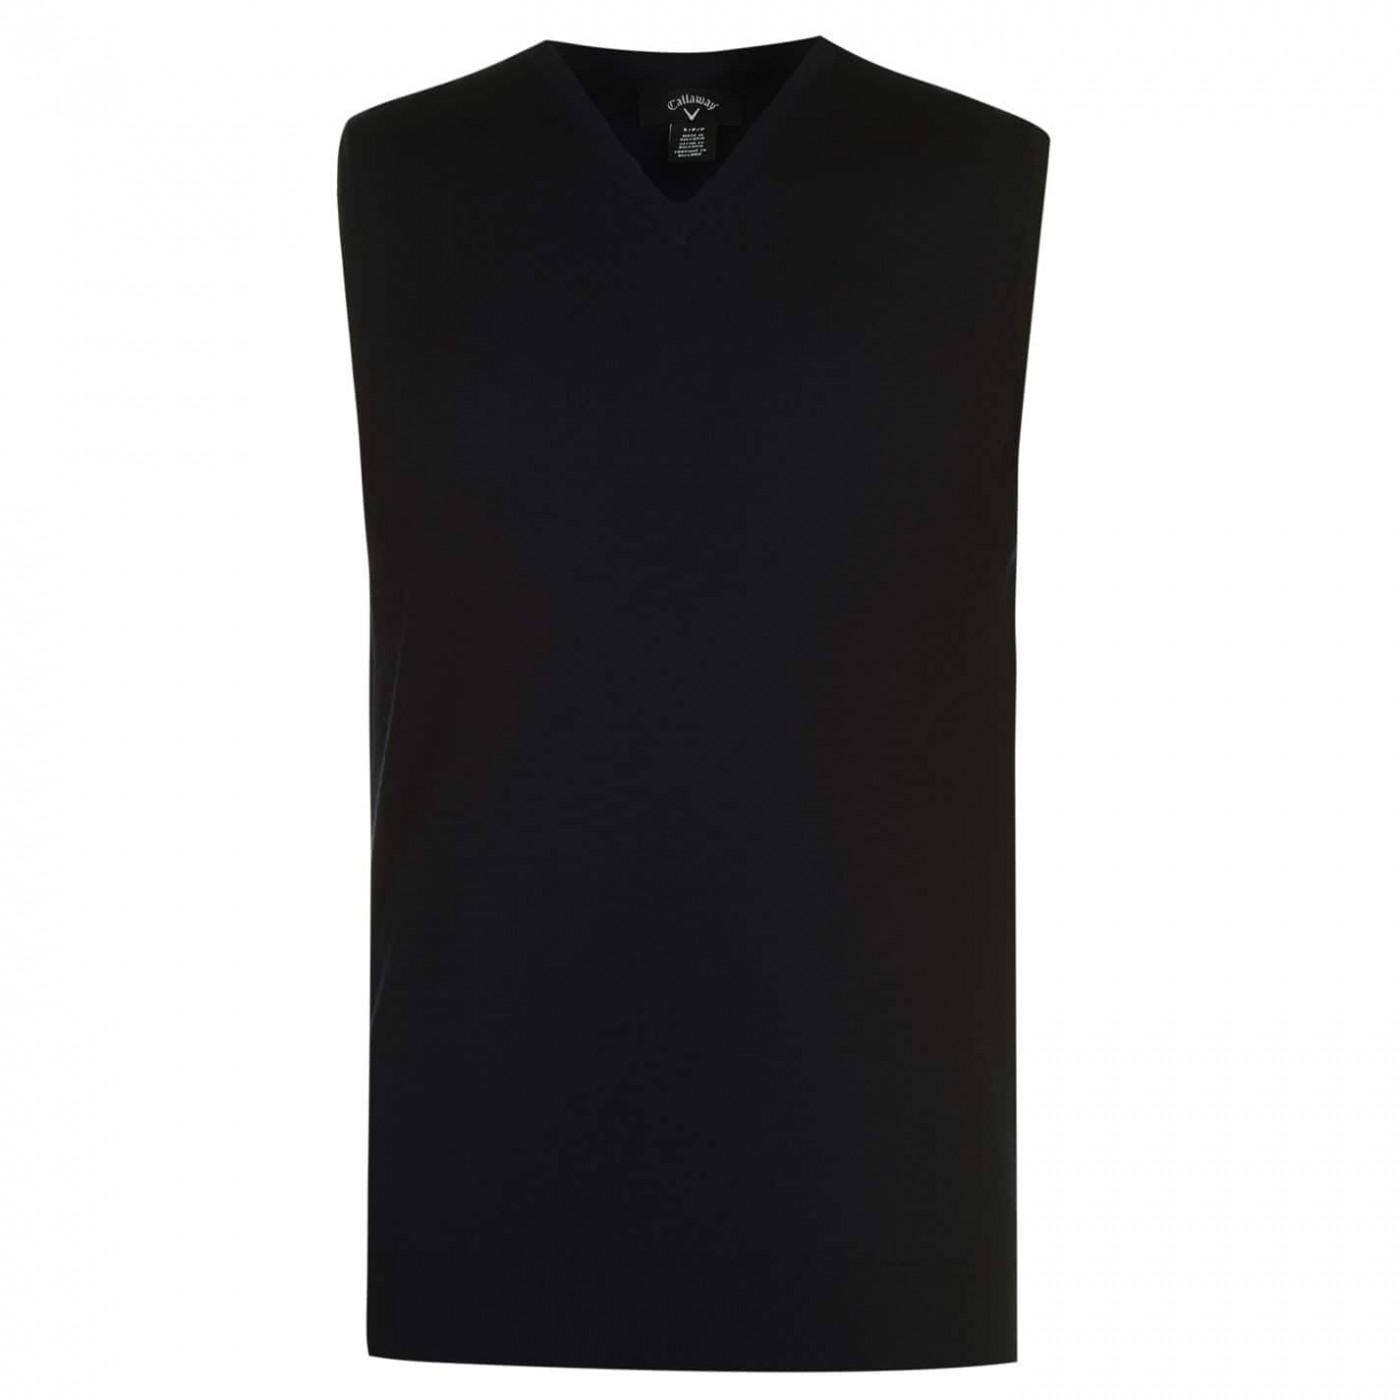 Callaway Sweatshirt Vest Mens